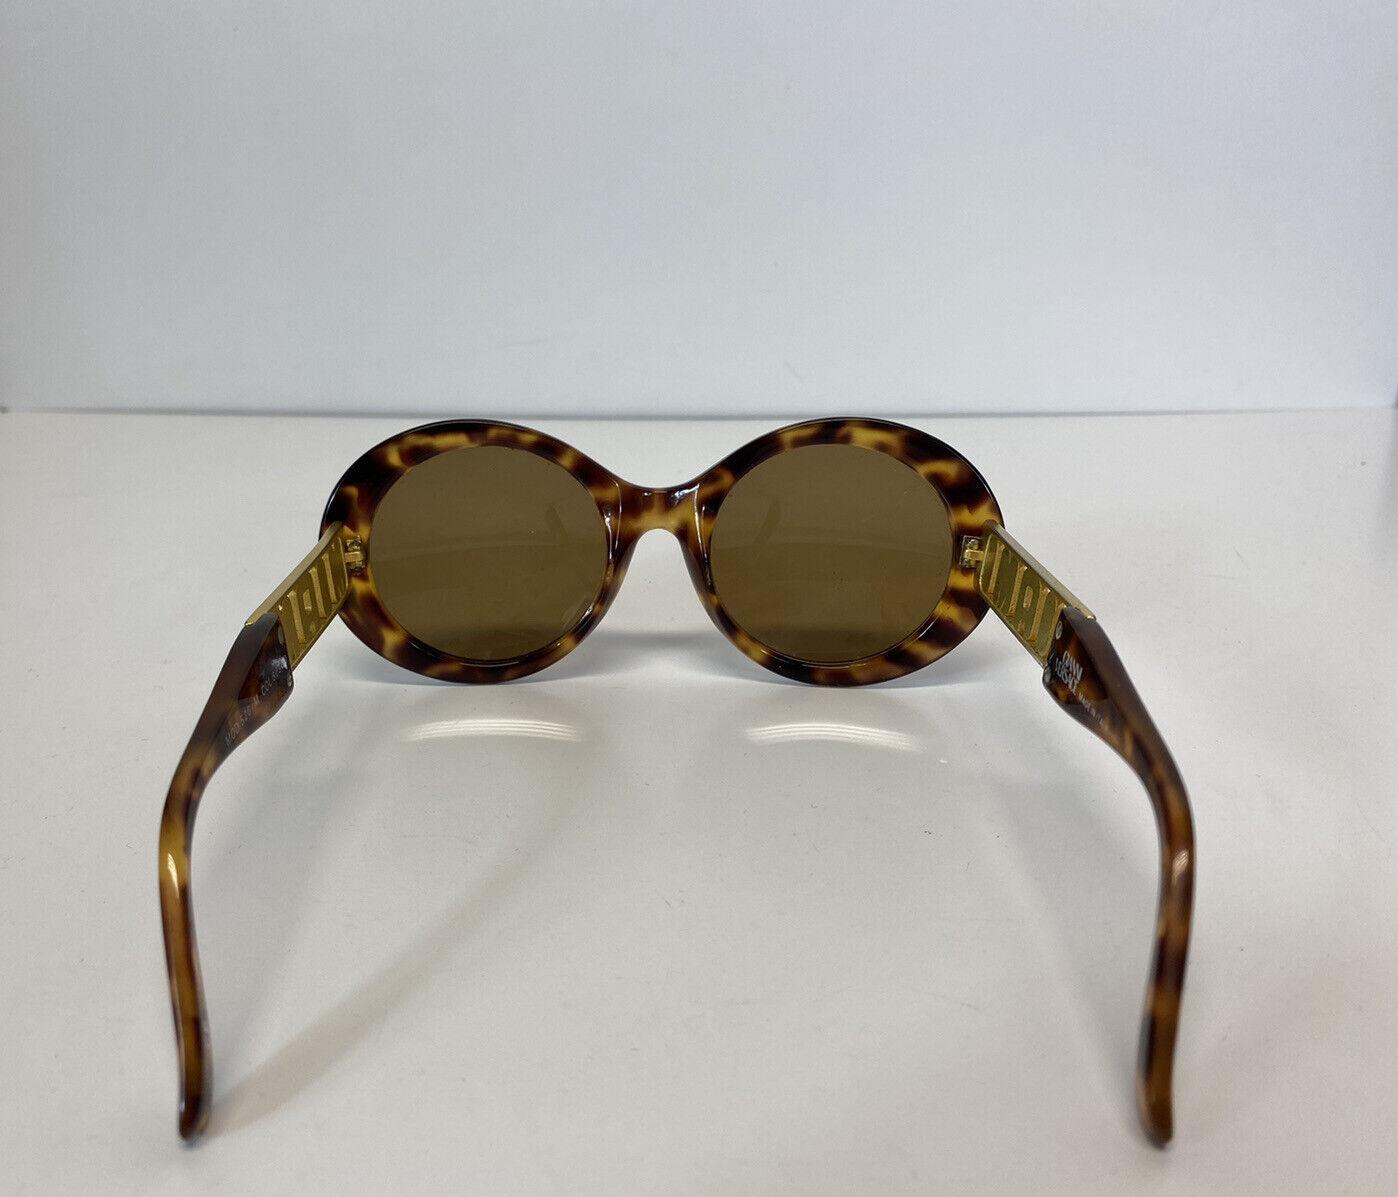 Rare Vtg Gianni Versace Brown 'Miami' Tortoiseshe… - image 3